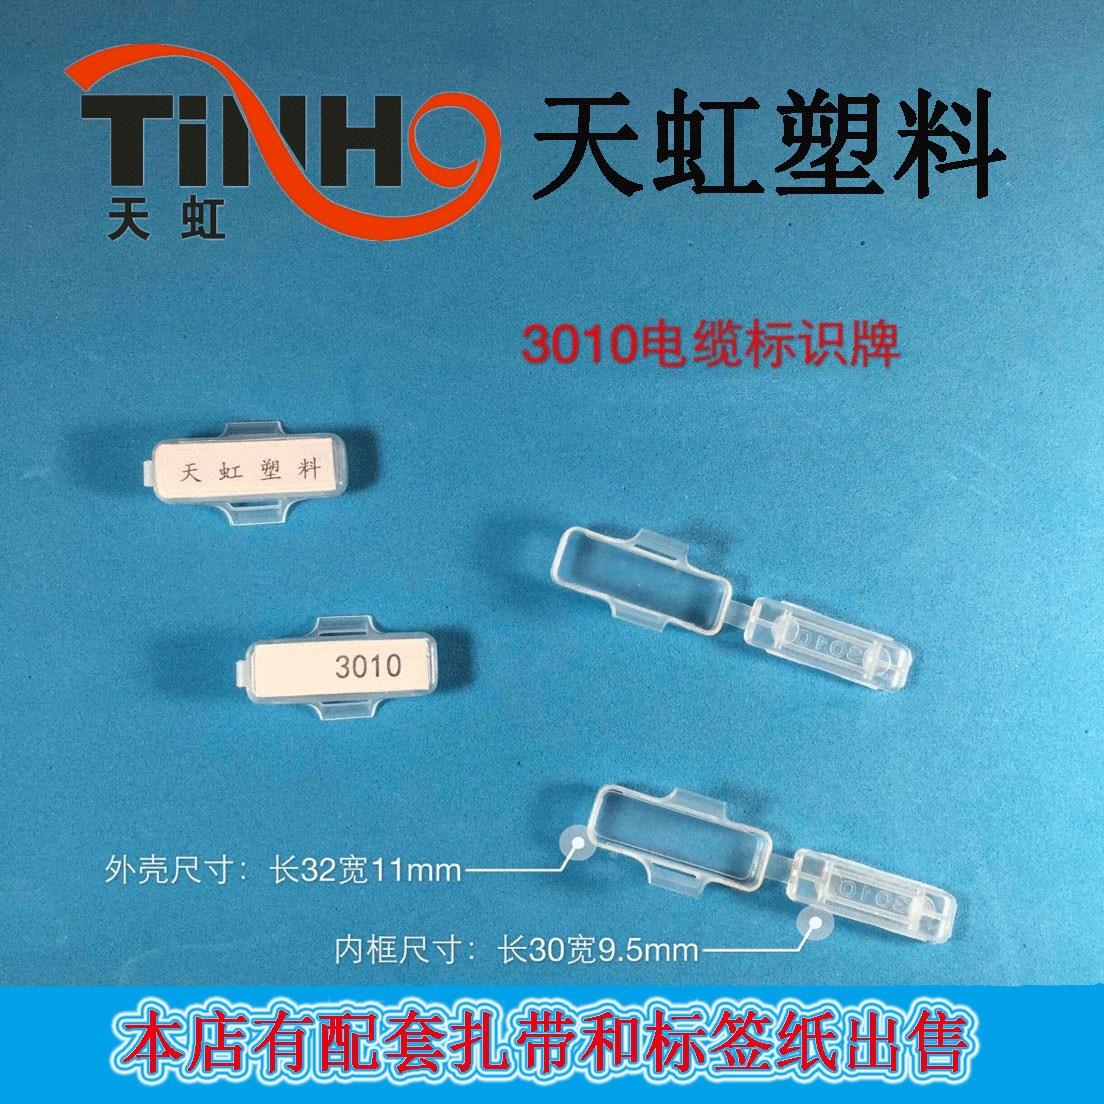 防水3010标牌透明电线电缆标示标志牌塑料框扎带挂牌标识带标签纸